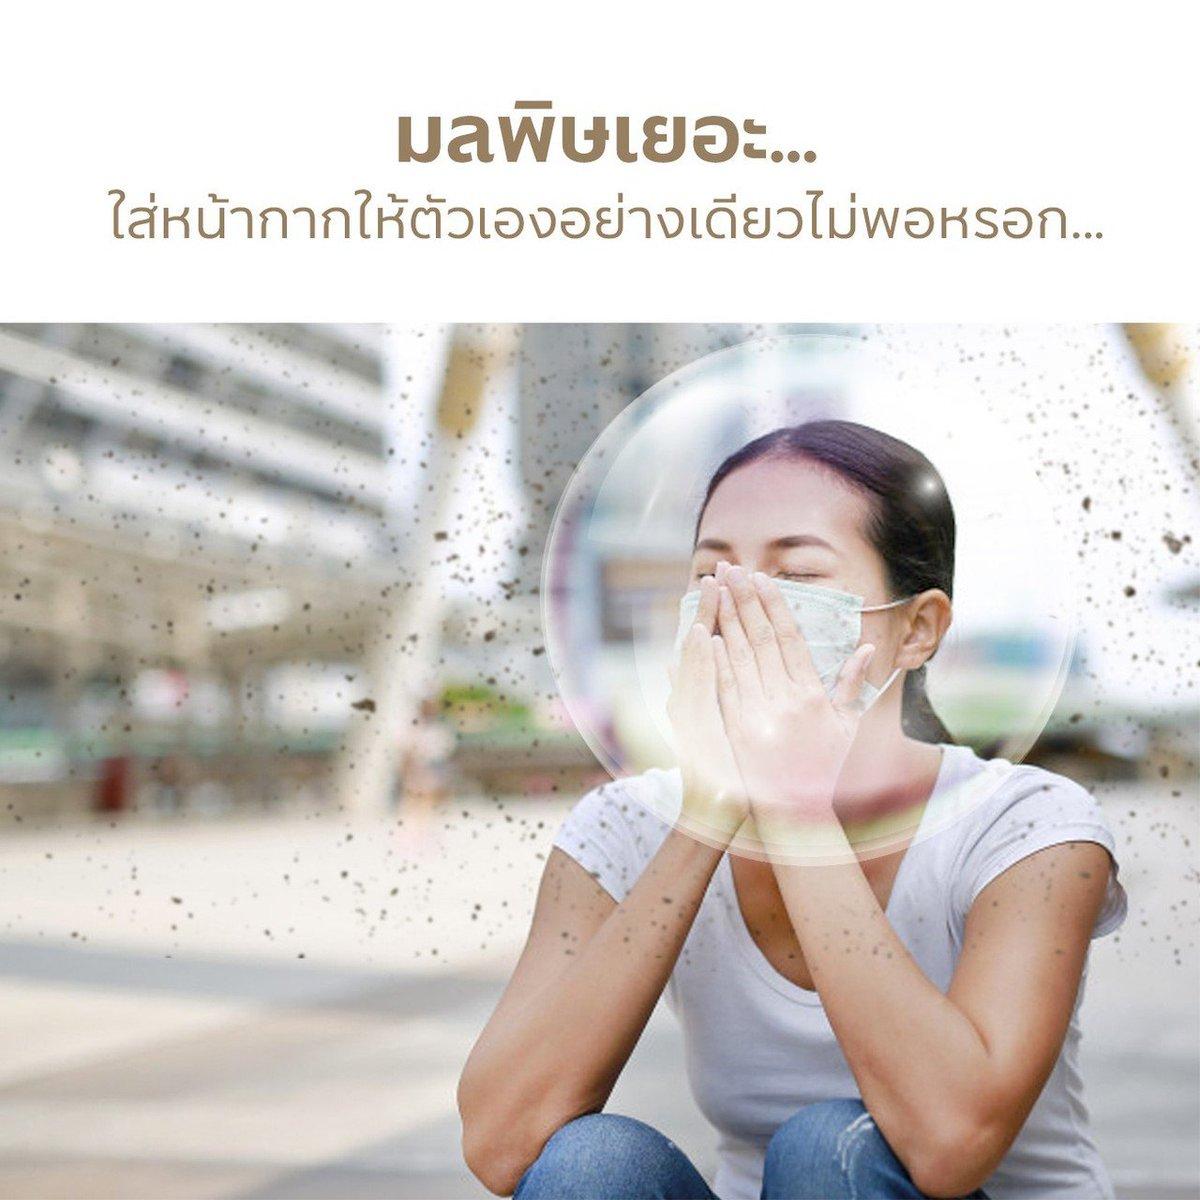 เพราะในอากาศมีภัยร้ายซ่อนอยู่… แค่ใส่หน้ากากอย่างเดียวคงไม่พอ…ต้องใส่หน้ากากให้เซลล์ในร่างกายด้วย #Maquiplus Get 25% Discount Click here! http://wu.to/OcpIDO #UnileverNetwork #MultiBerries #Superfruits #Healthiness #SuperAntioxidant #HealthyImmunity